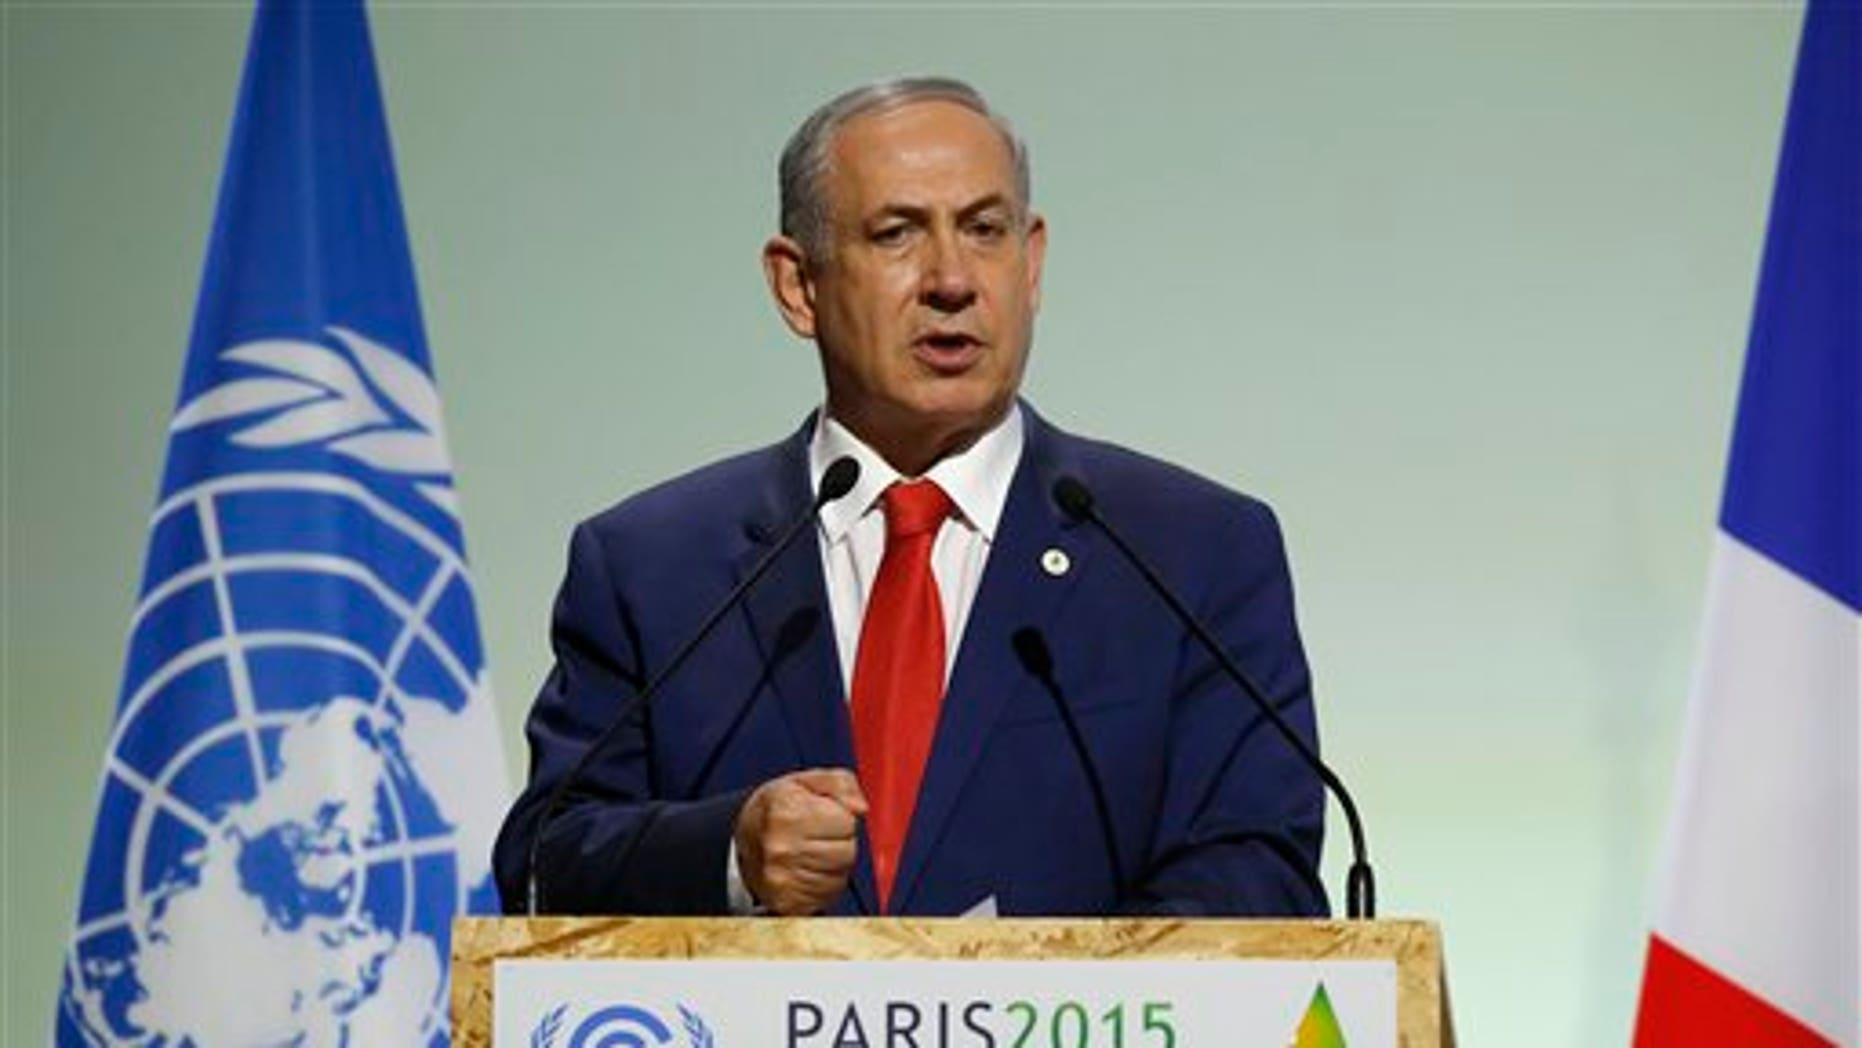 Israel Prime Minister Benjamin Netanyahu in November.